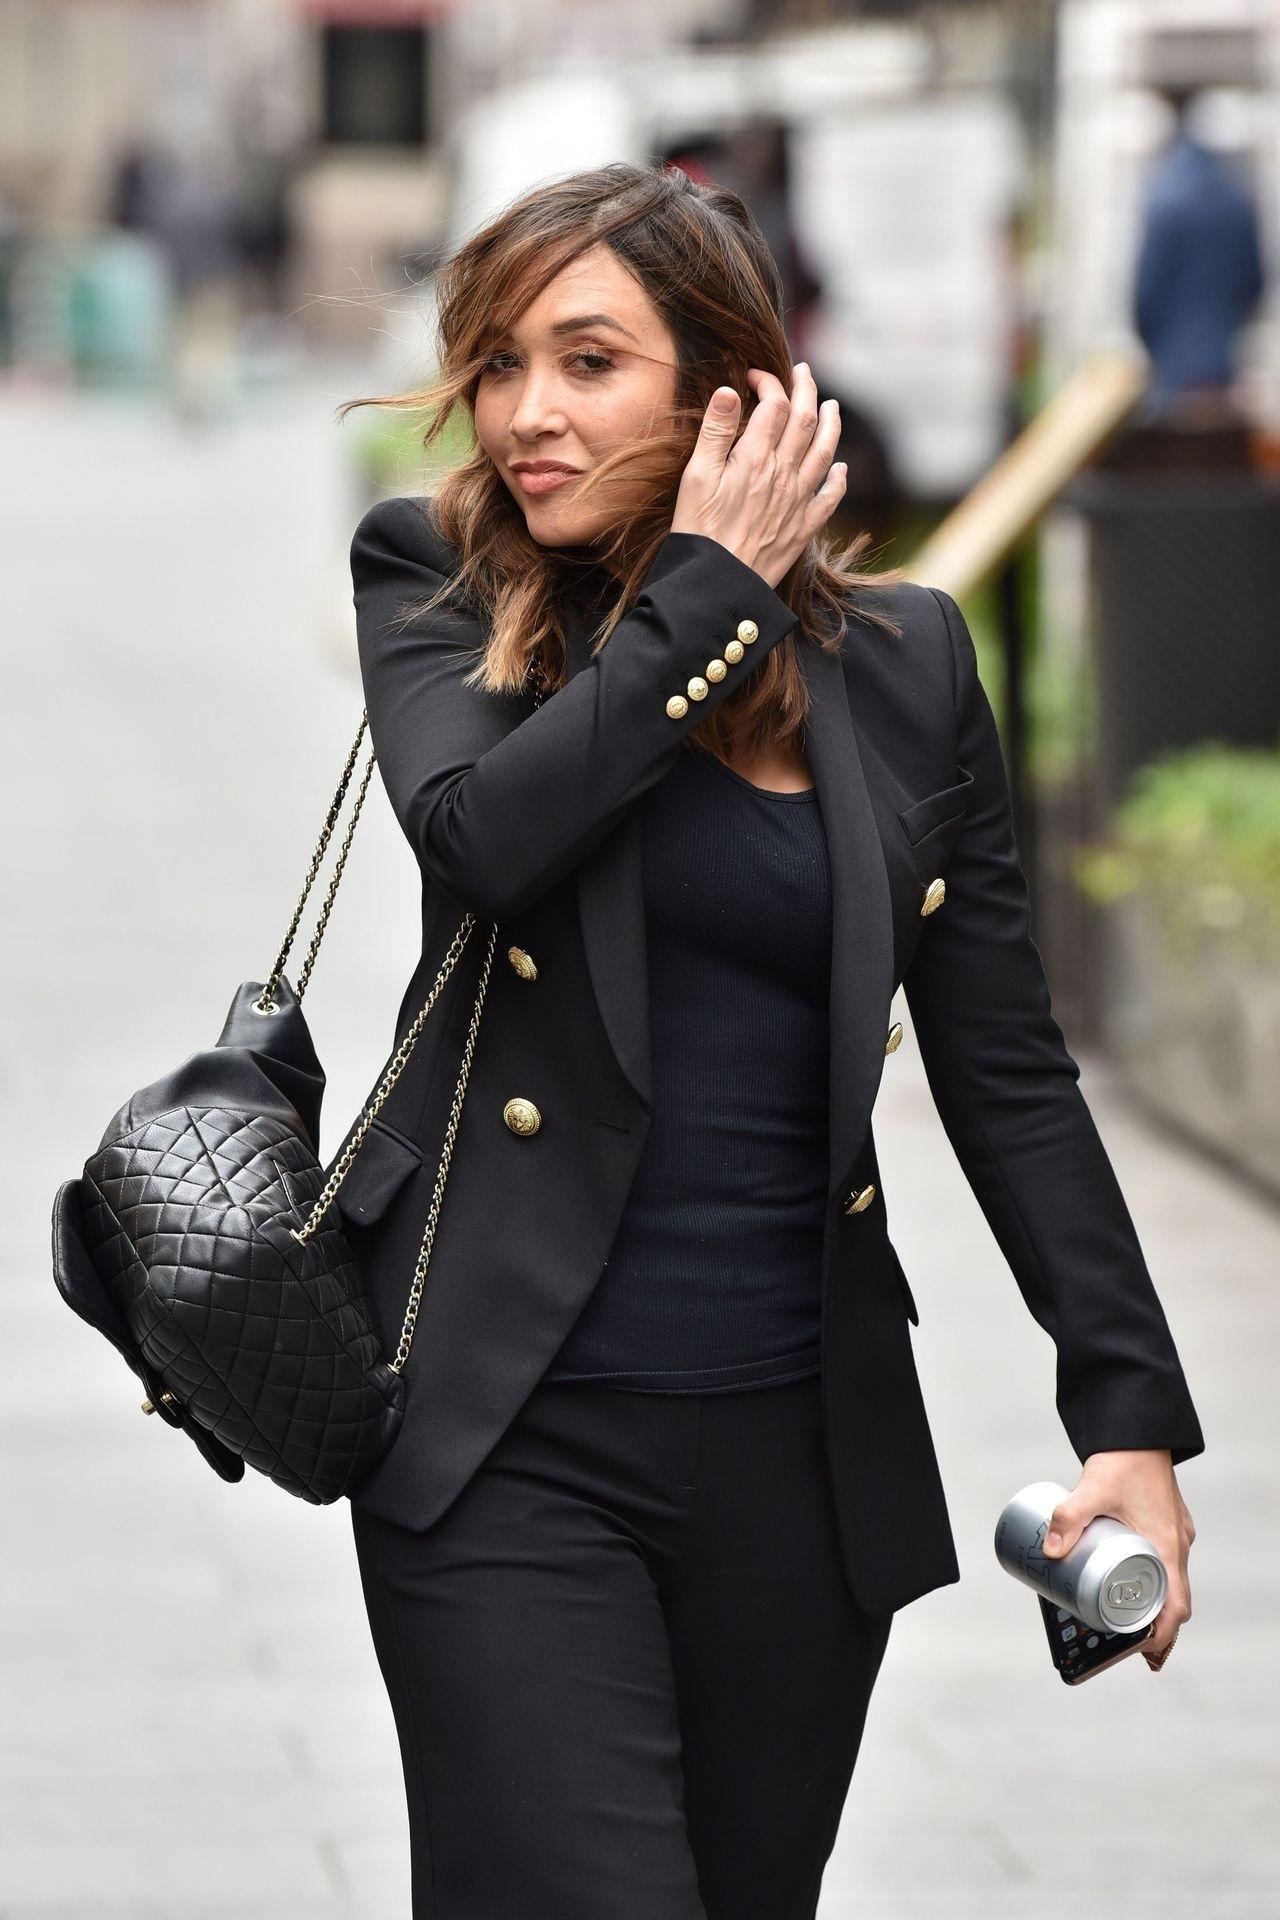 Myleene Klass Looks Hot In All Black In London 0014